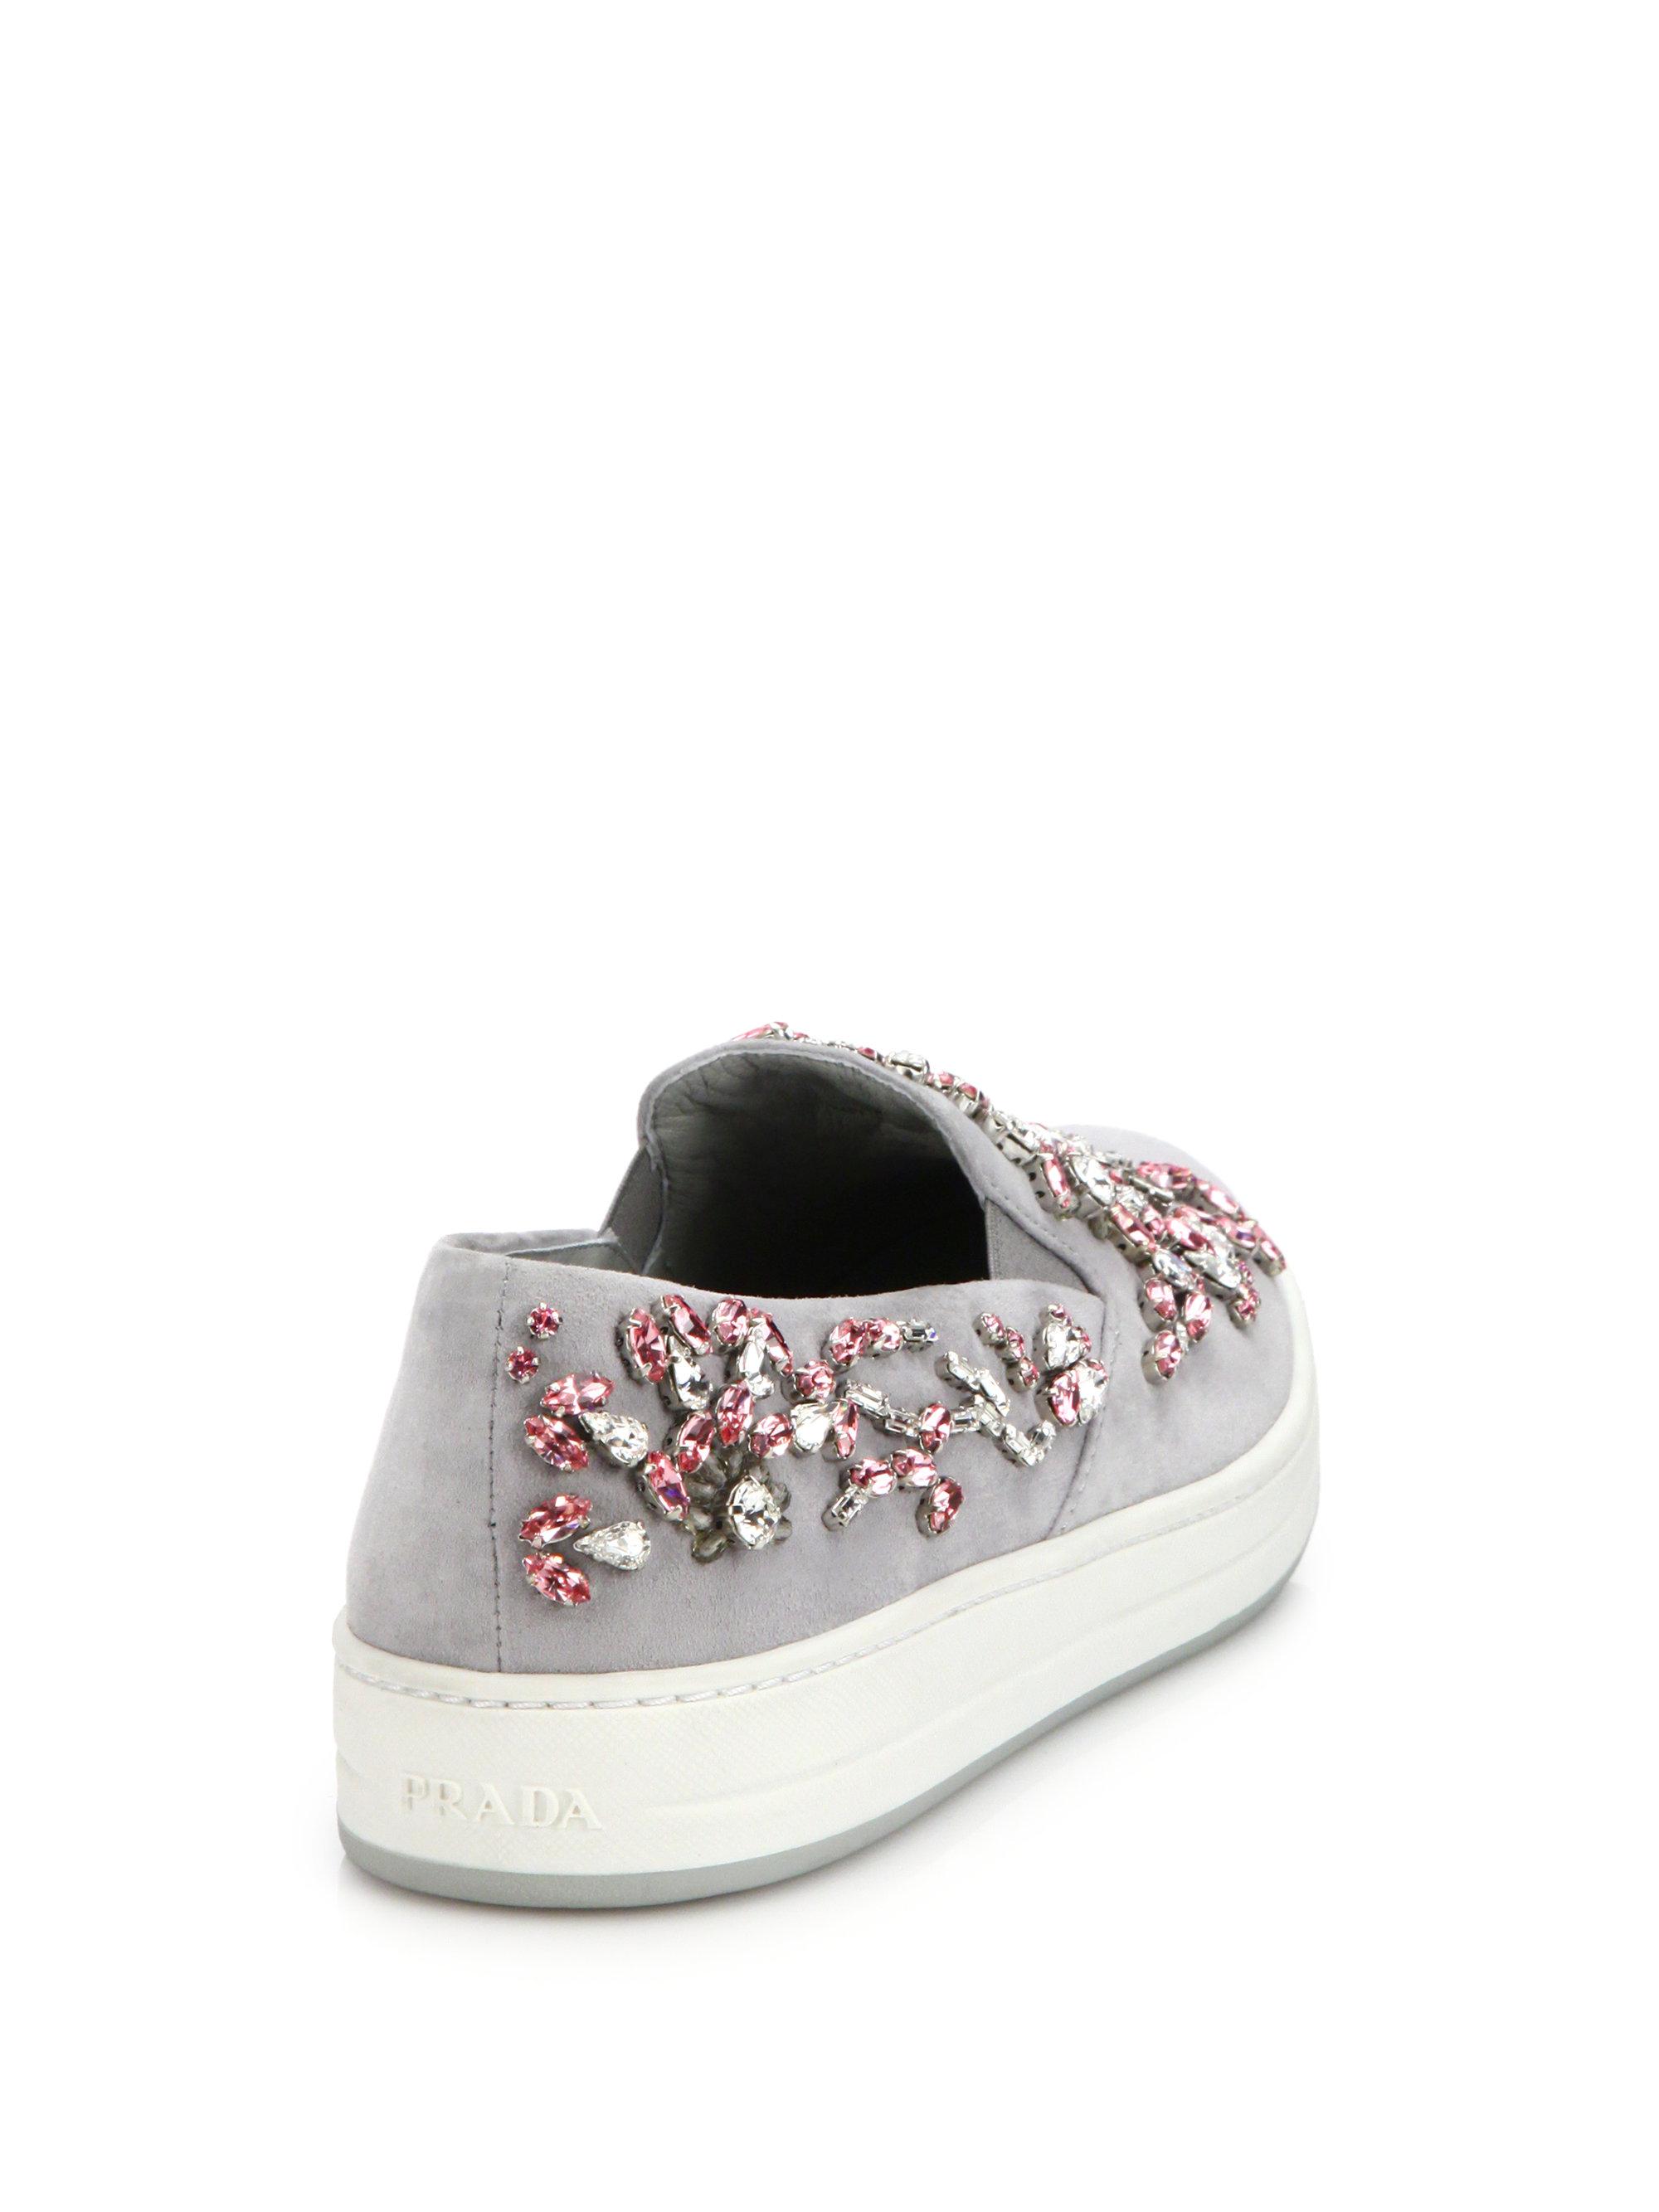 Prada Jeweled Suede Slipon Sneakers in Pink  Lyst